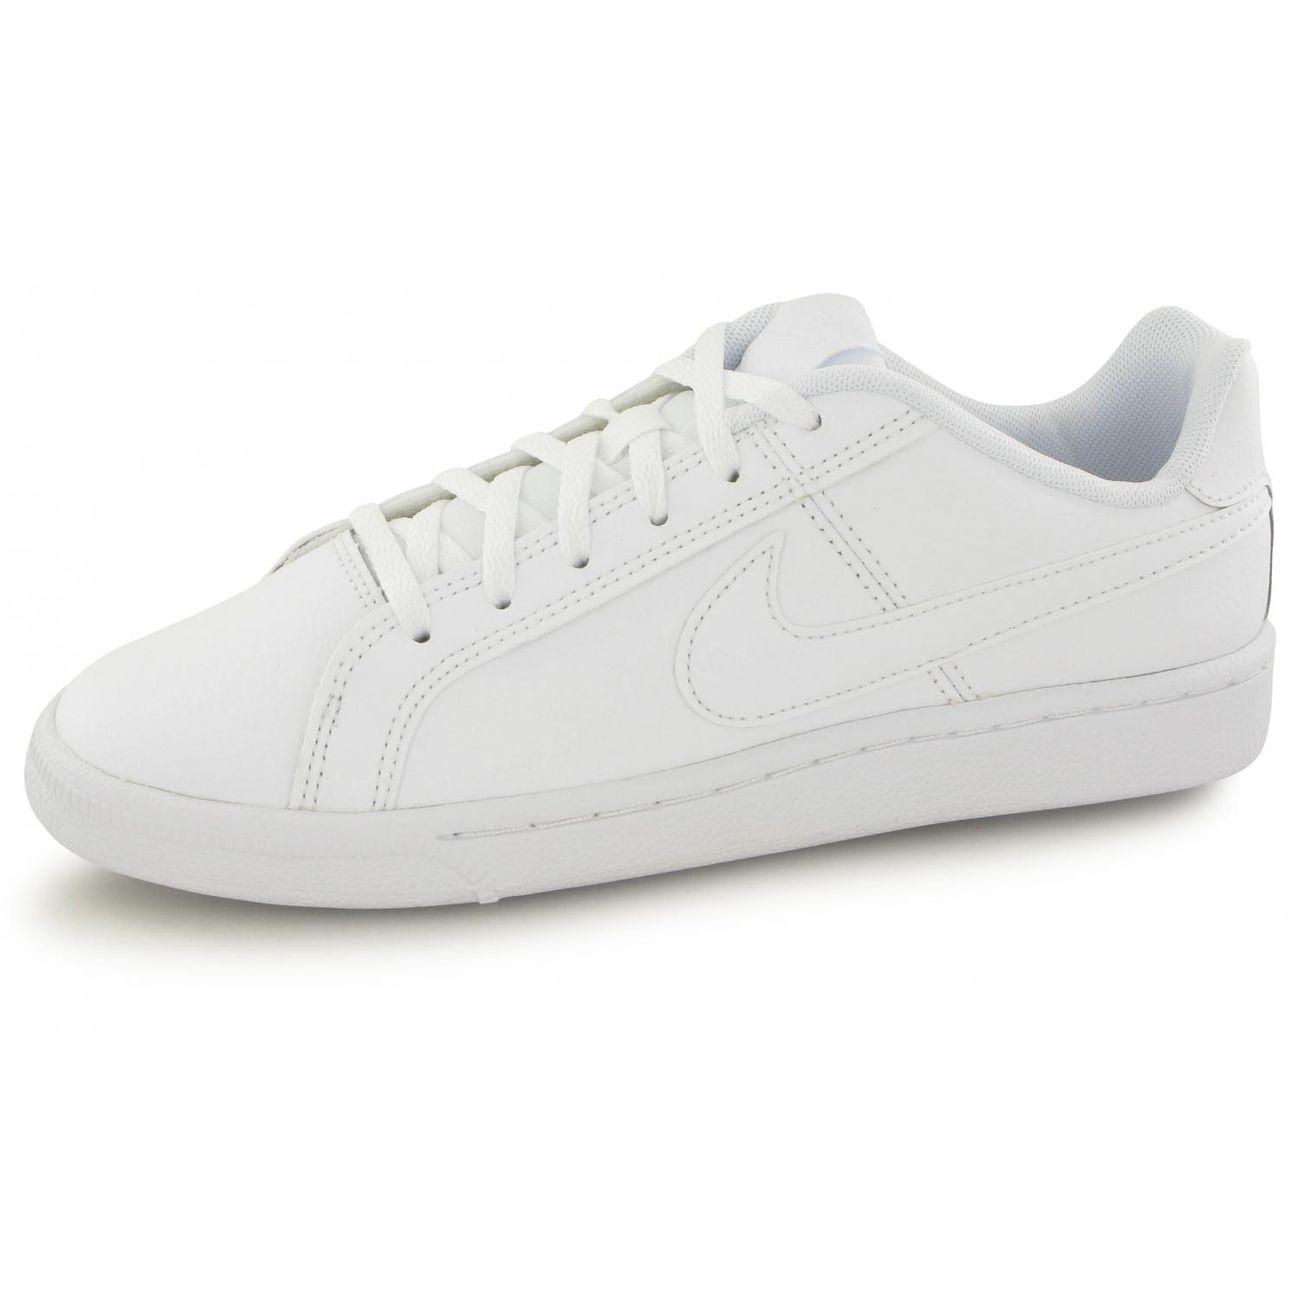 Mode Lifestyle enfant NIKE Nike Nike Court Royale (GS) 833535 102